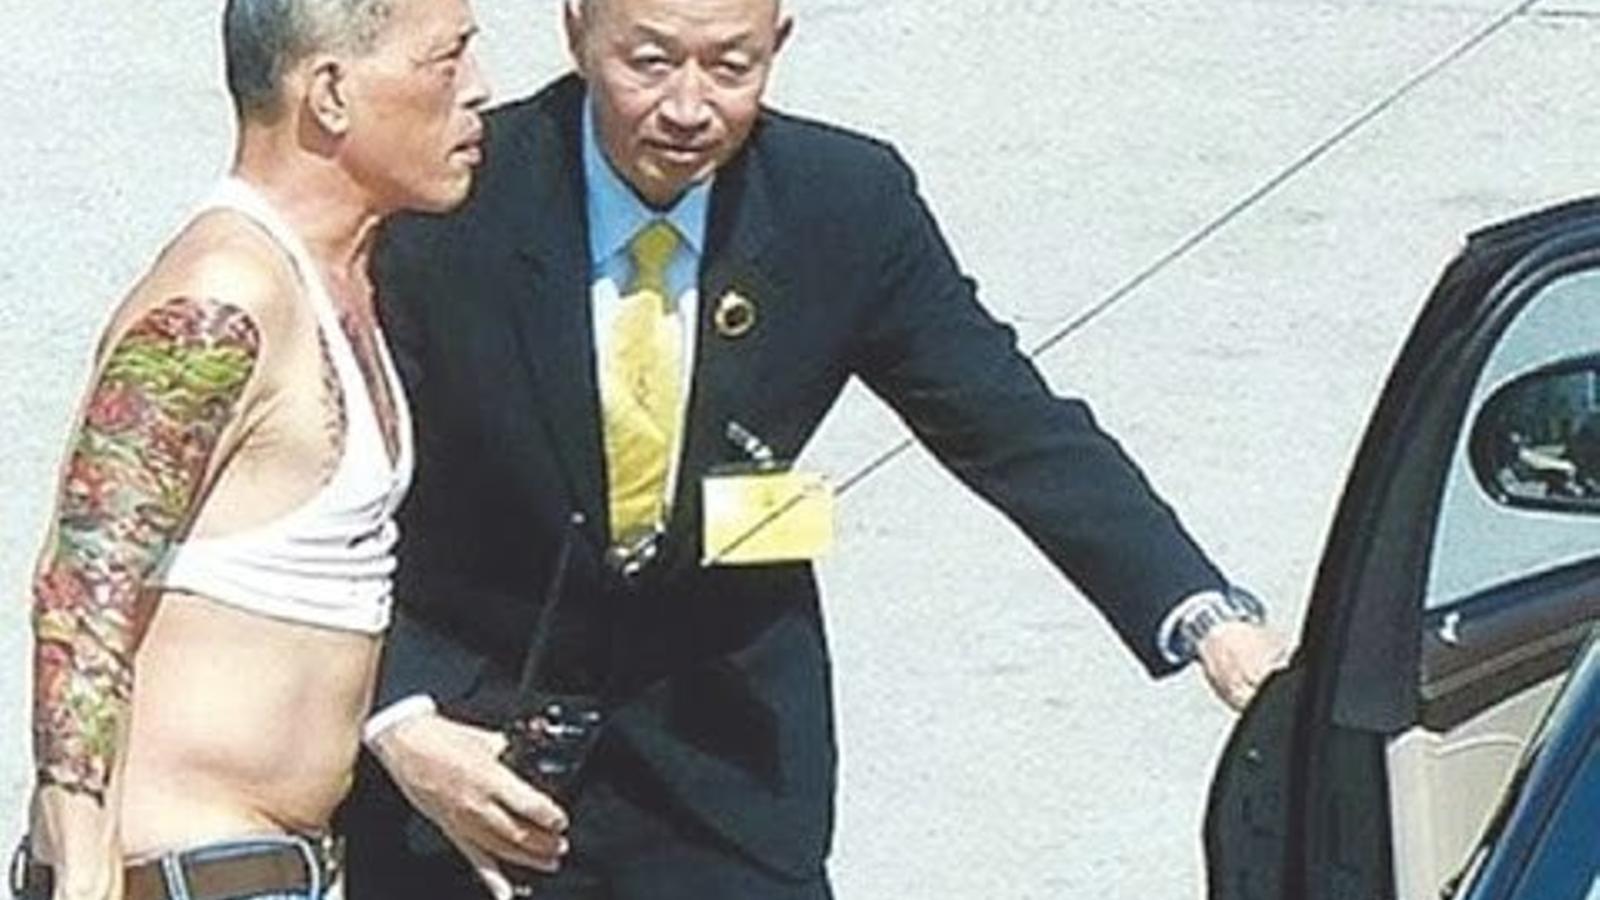 El rei de Tailàndia es passeja per Múnic presumint de tatuatges en un vídeo que Facebook ha censurat al país asiàtic